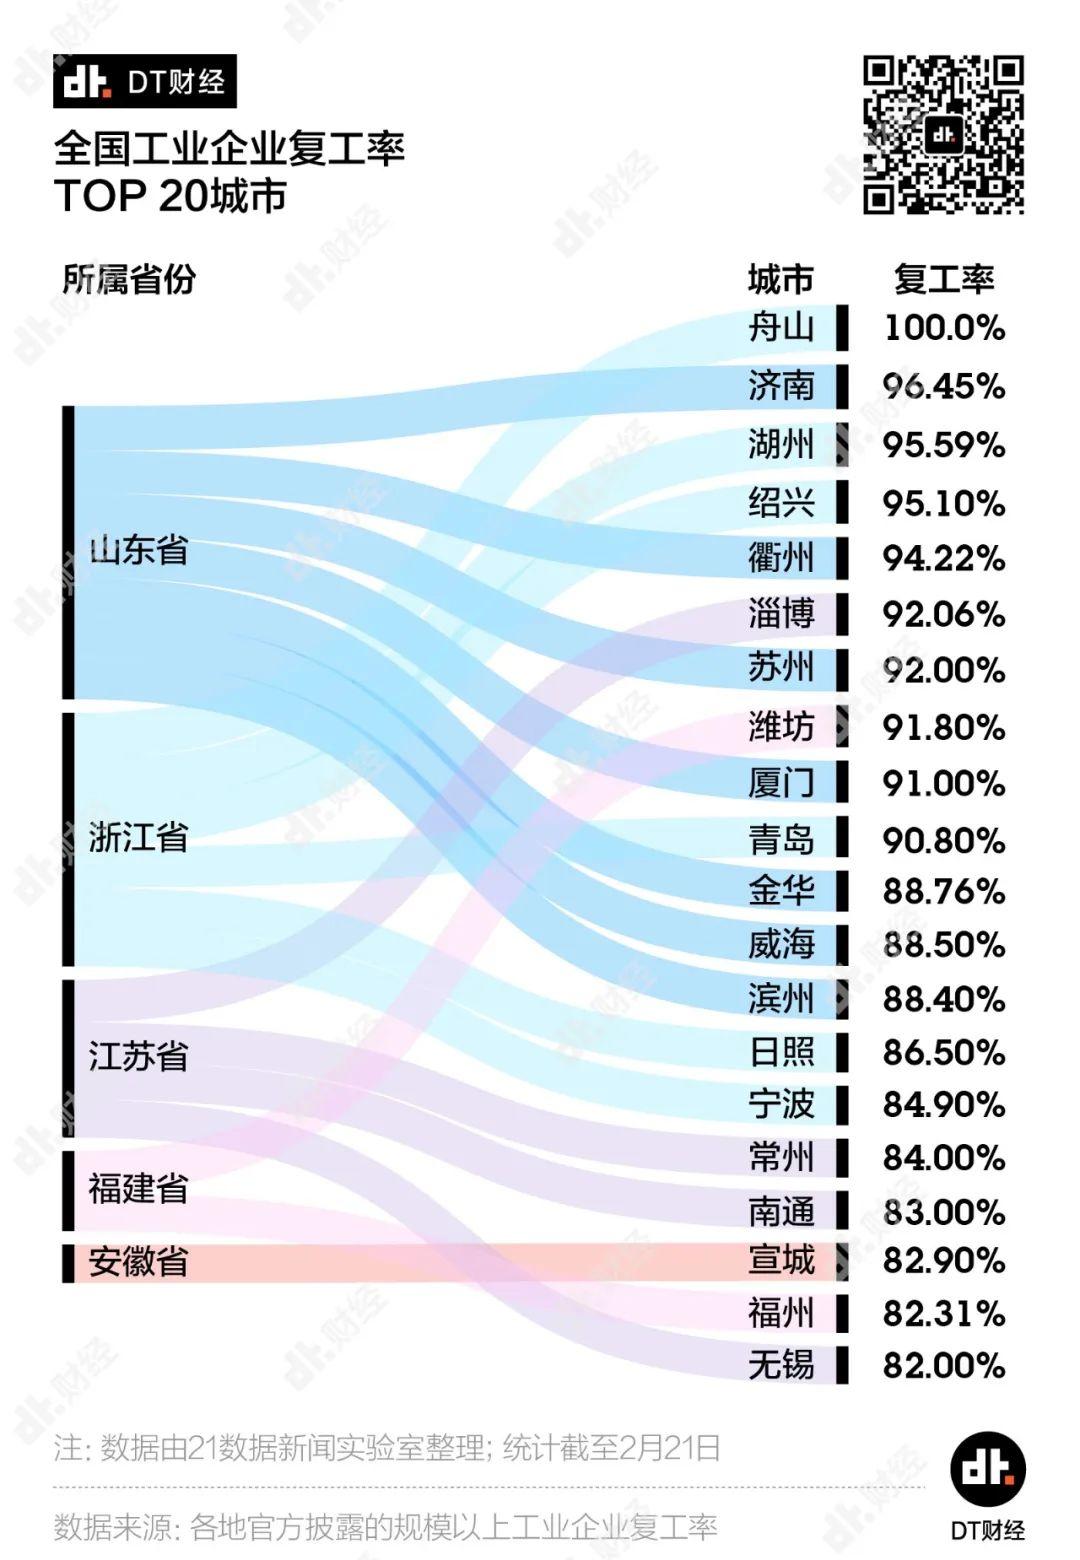 国际人口迁移表格整理_国际人口迁移图